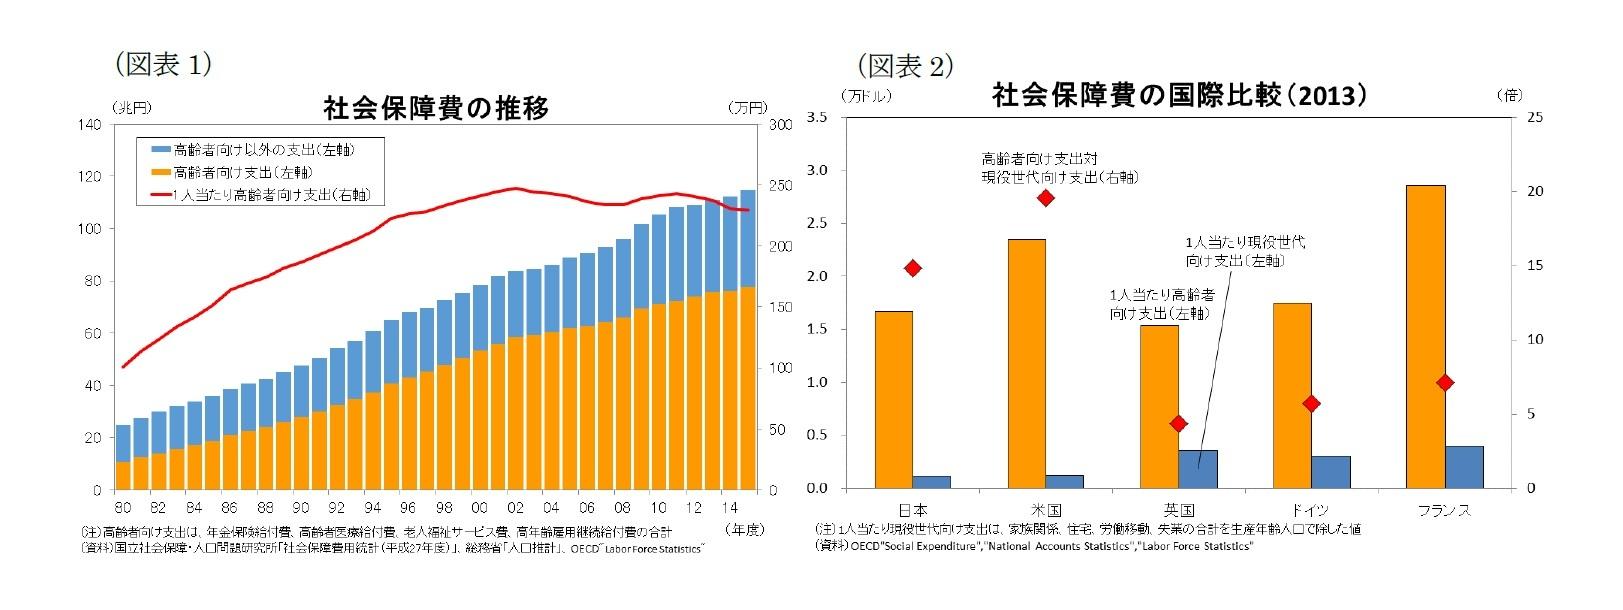 (図表1)社会保障費の推移/(図表2)社会保障費の国際比較(2013)